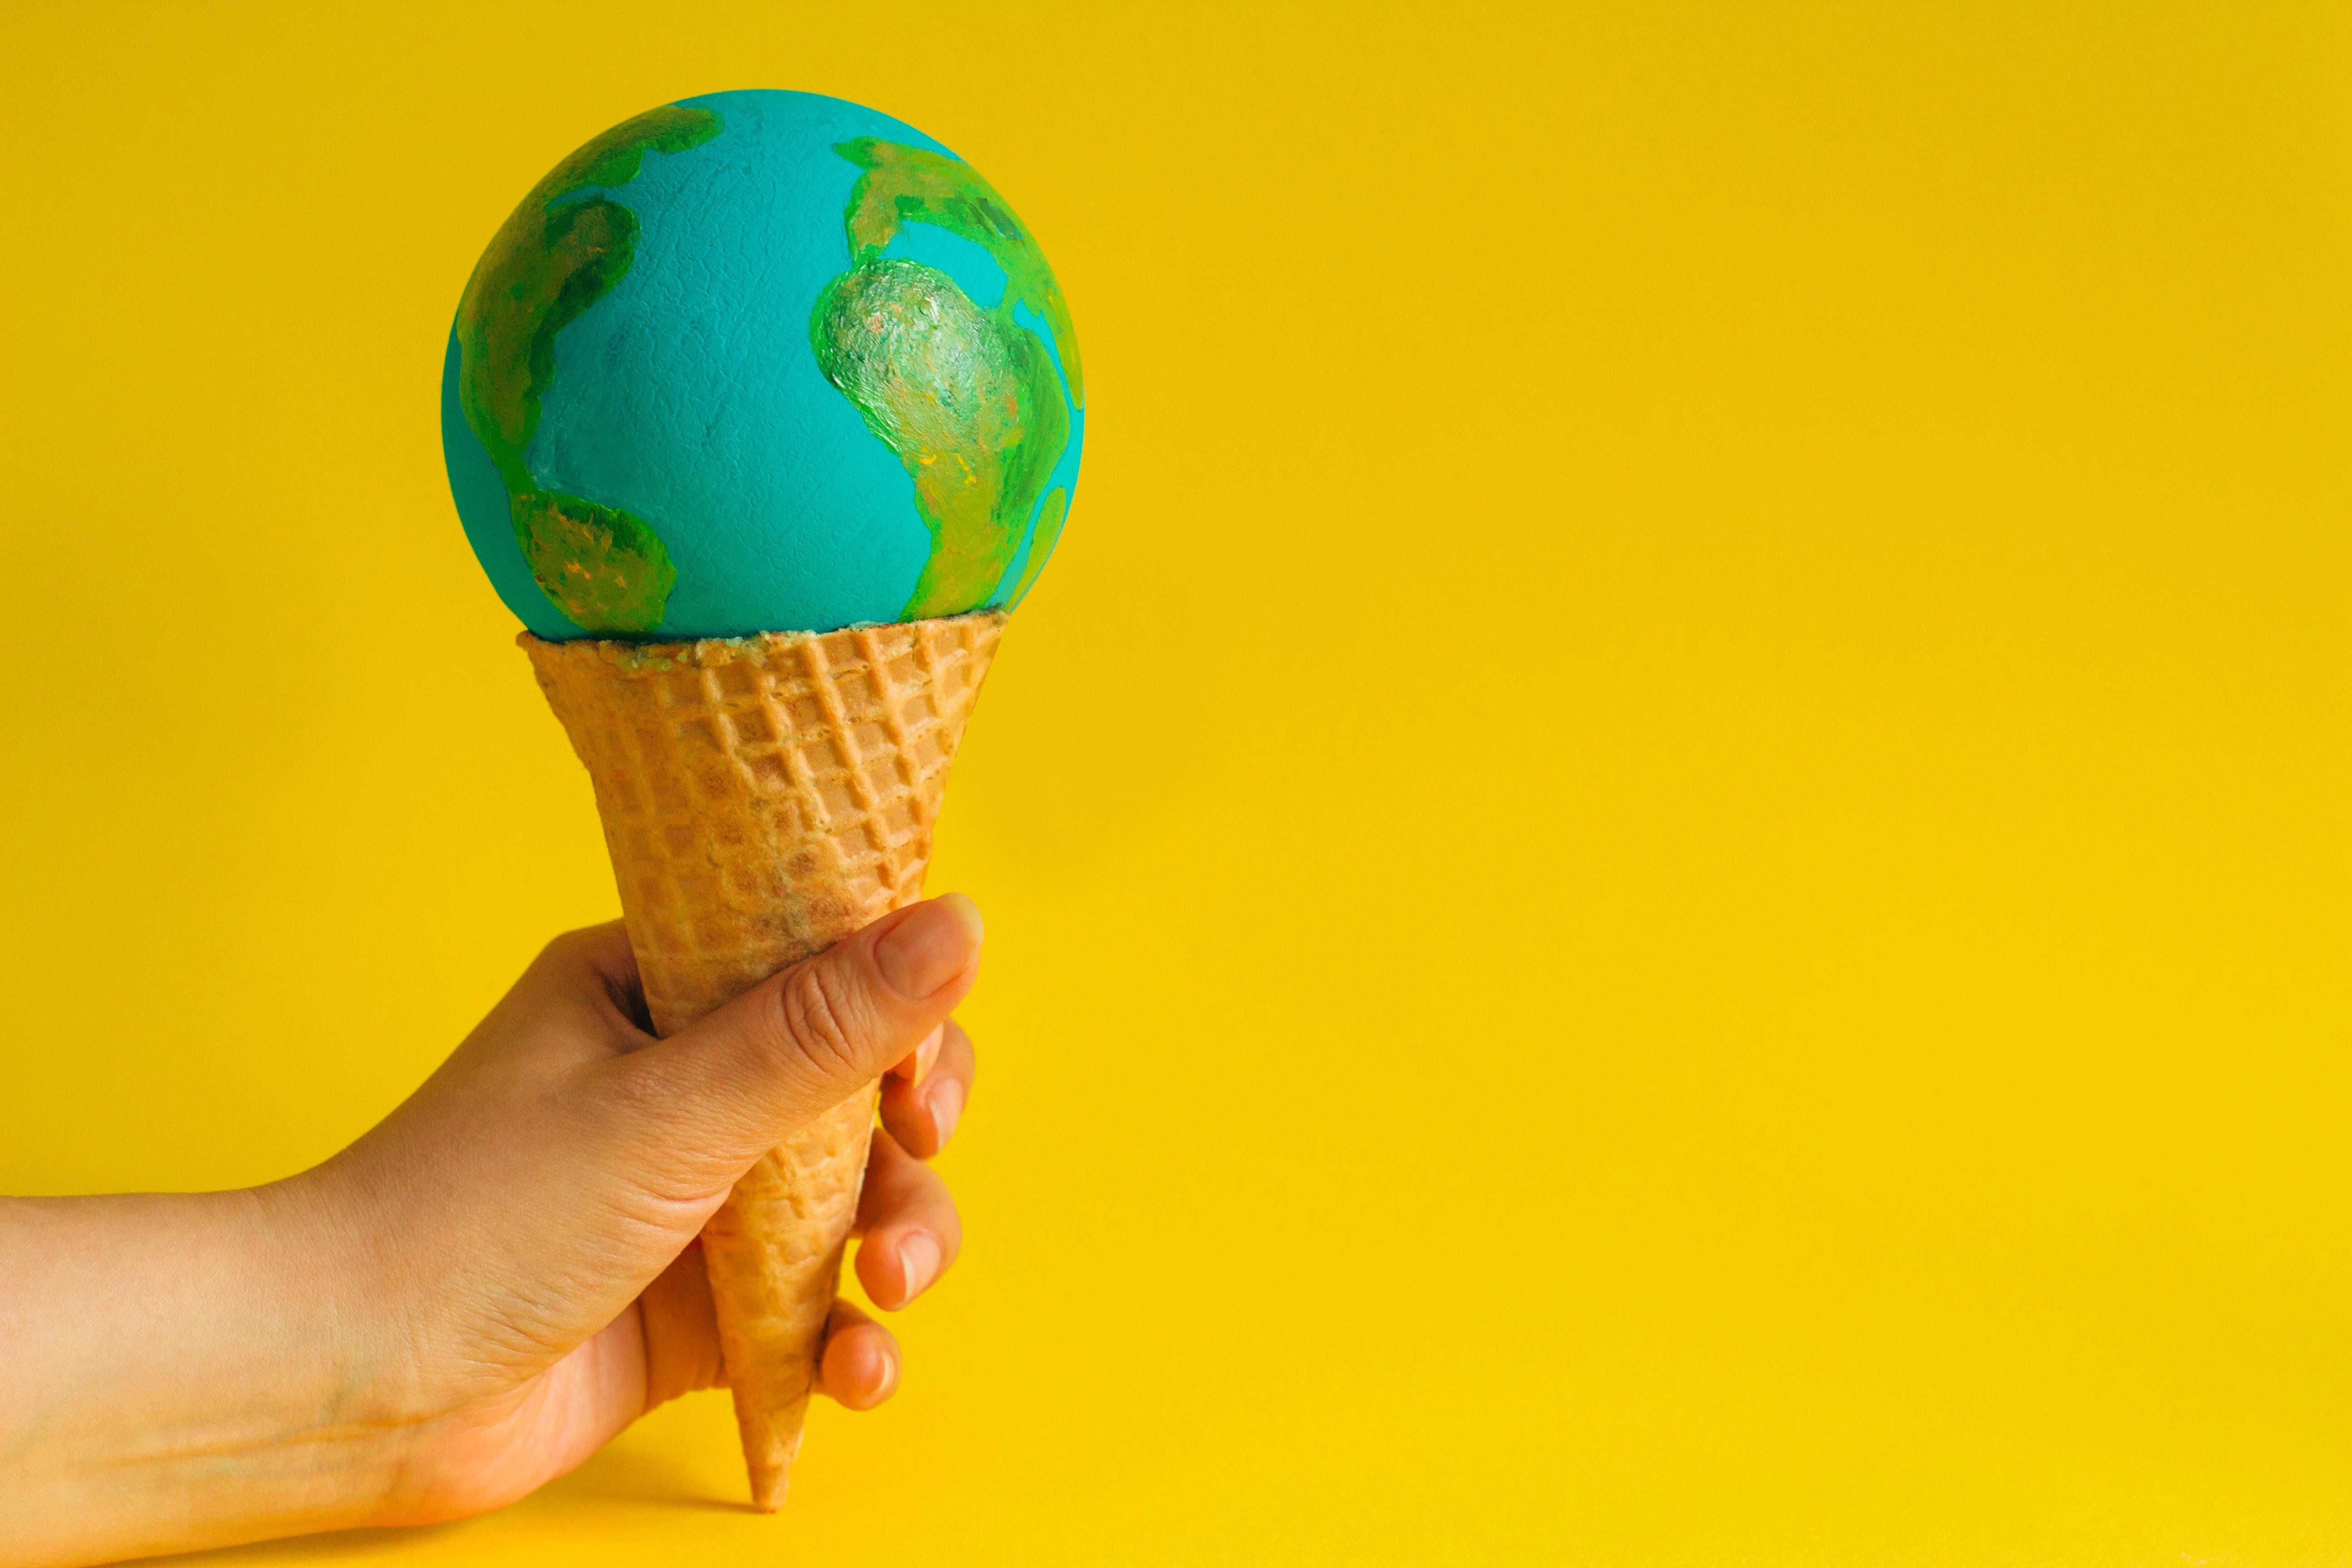 L'augmentation de notre taille corporelle (taille et IMC) qui pourrait, elle-aussi, influer considérablement sur nos besoins en calories